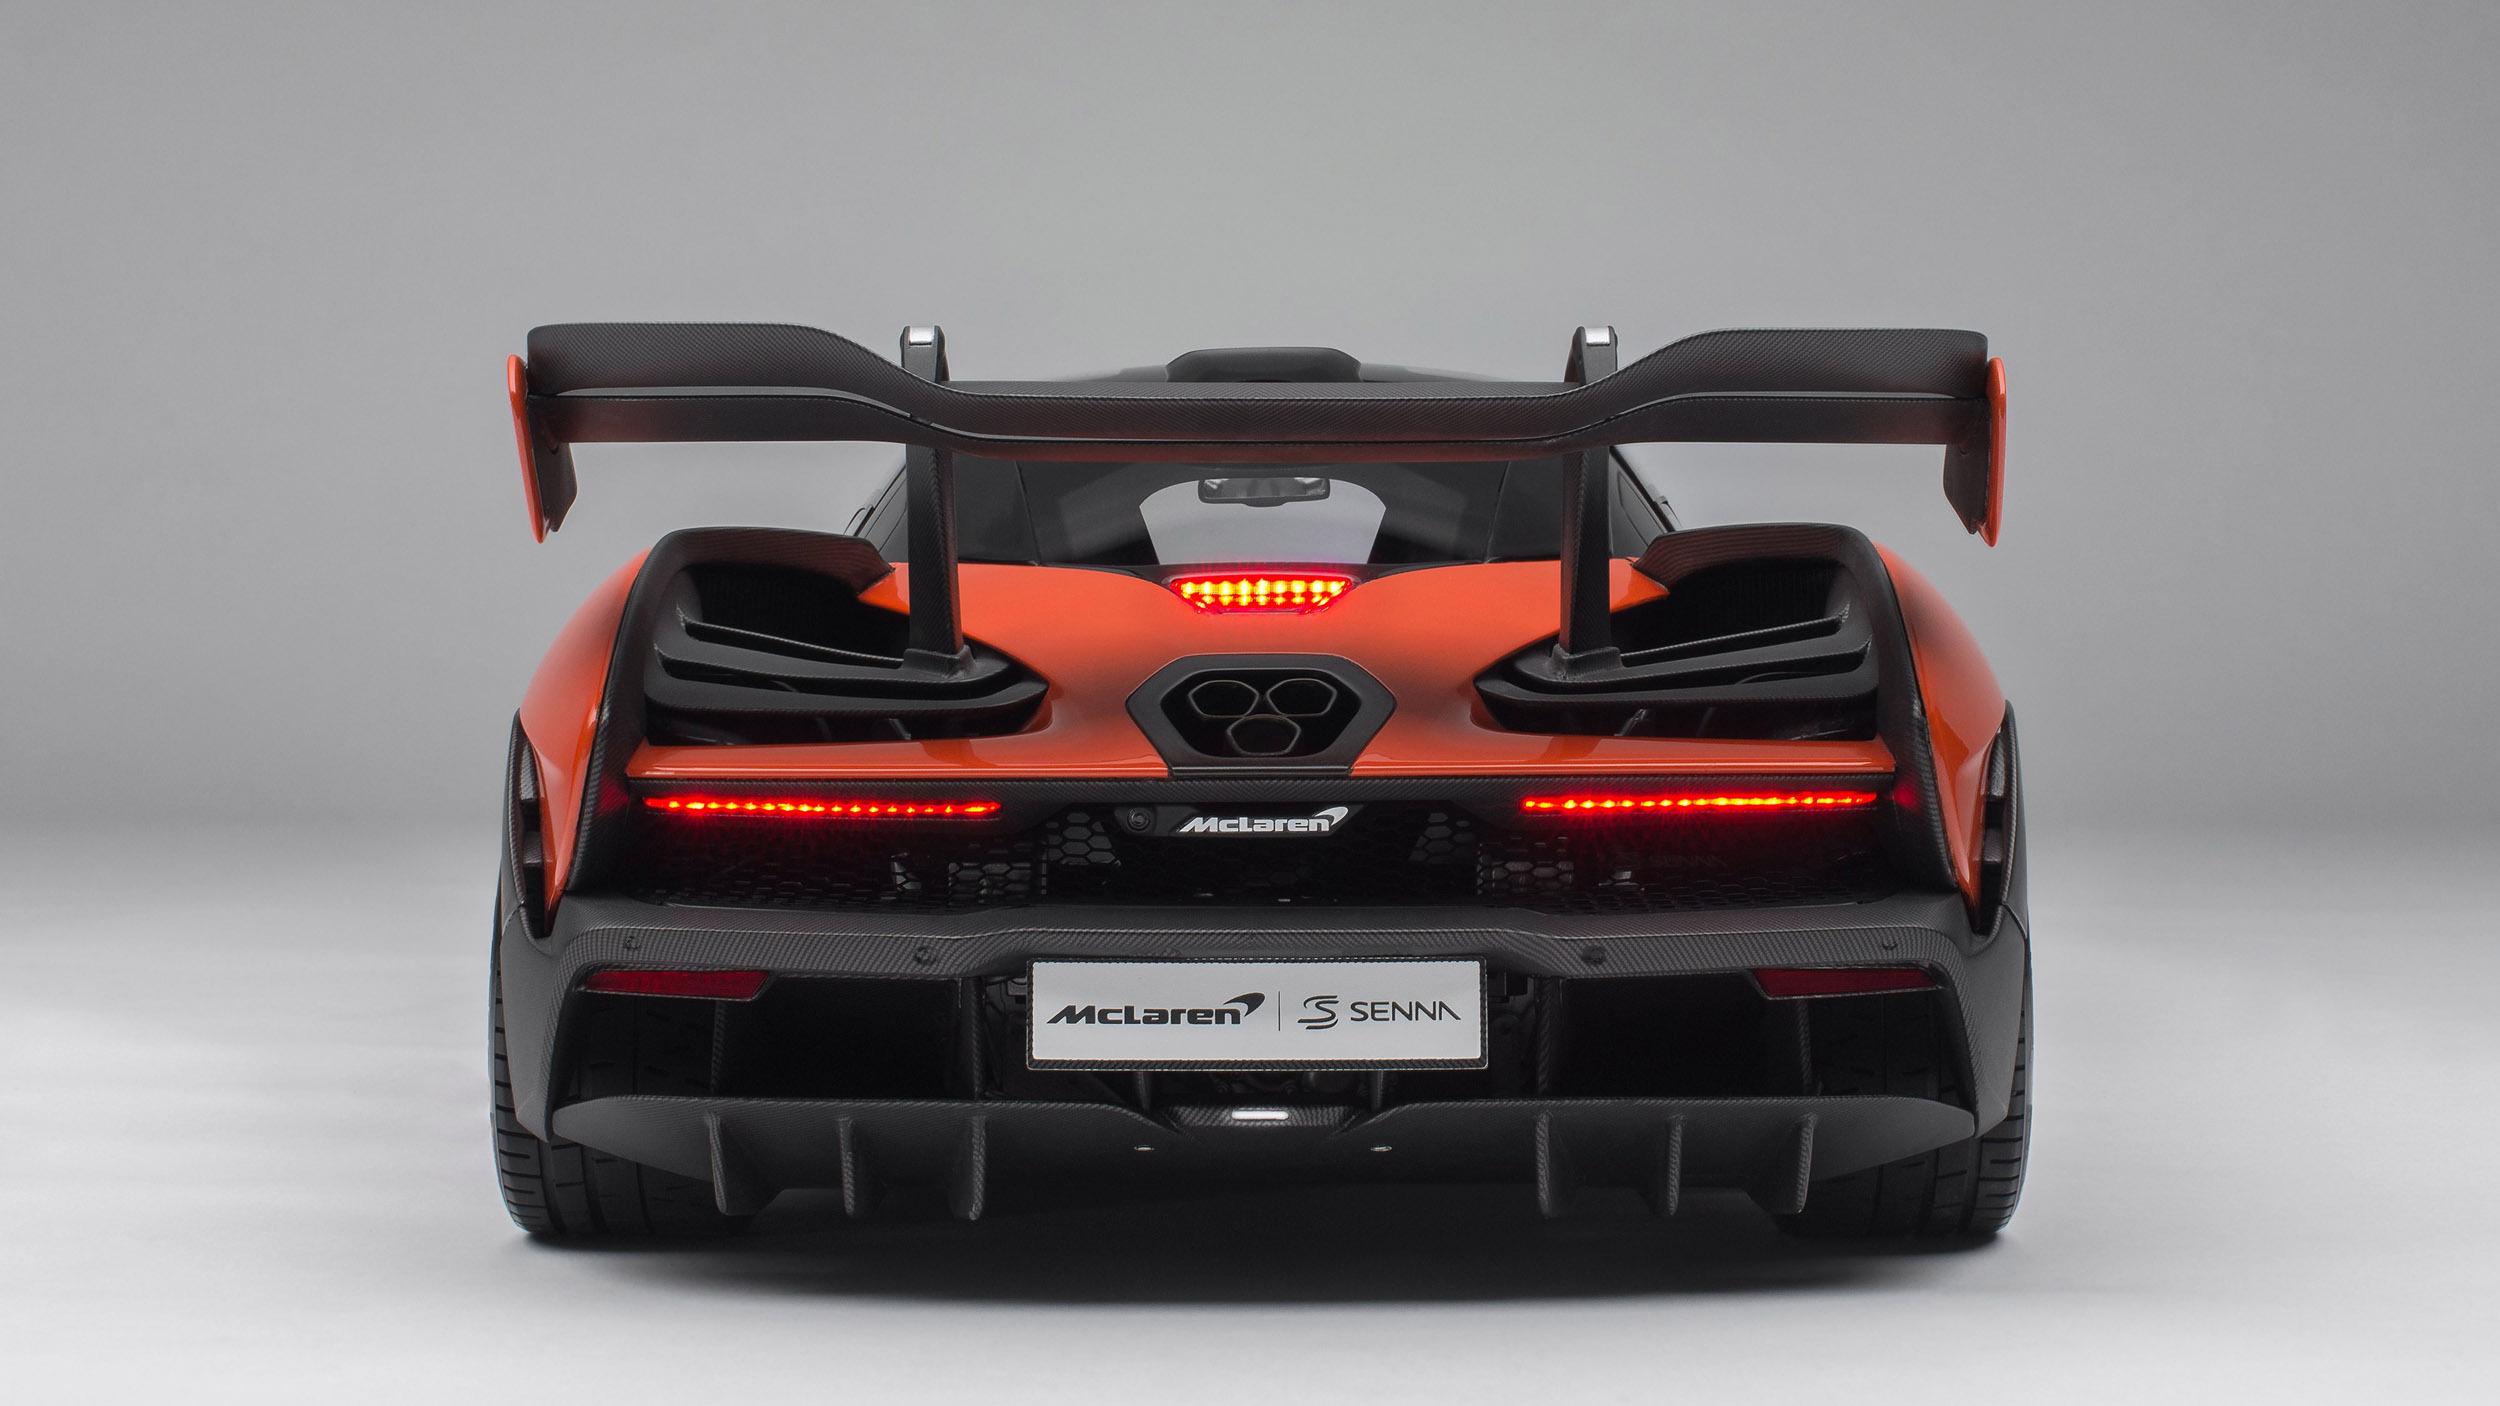 Amalgam-McLaren-Senna-miniature-model-5